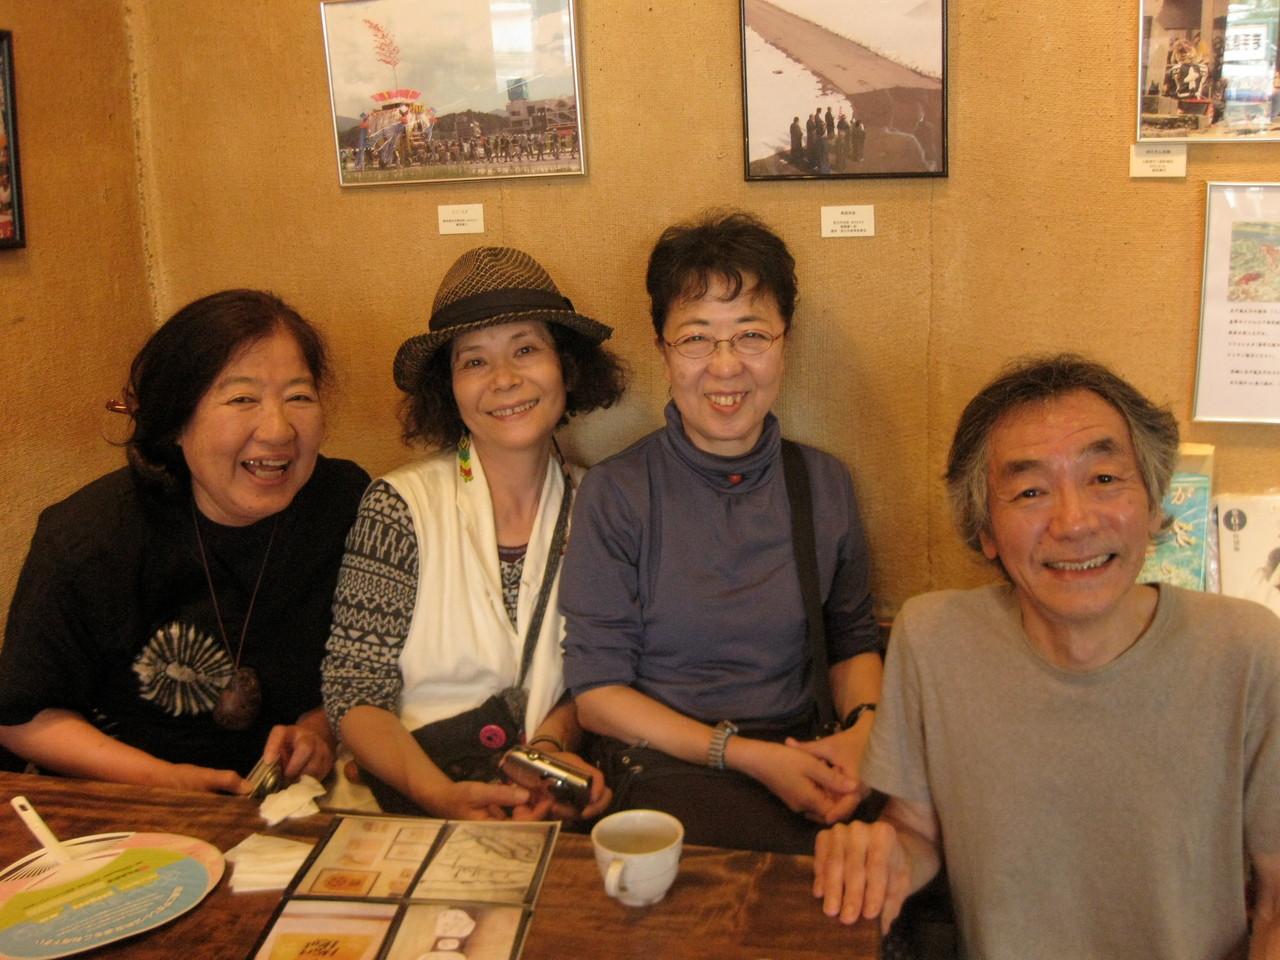 コーヒー店「クランボン」のマスターとは40年前からの友達です。30年ぶりぐらいに会った。